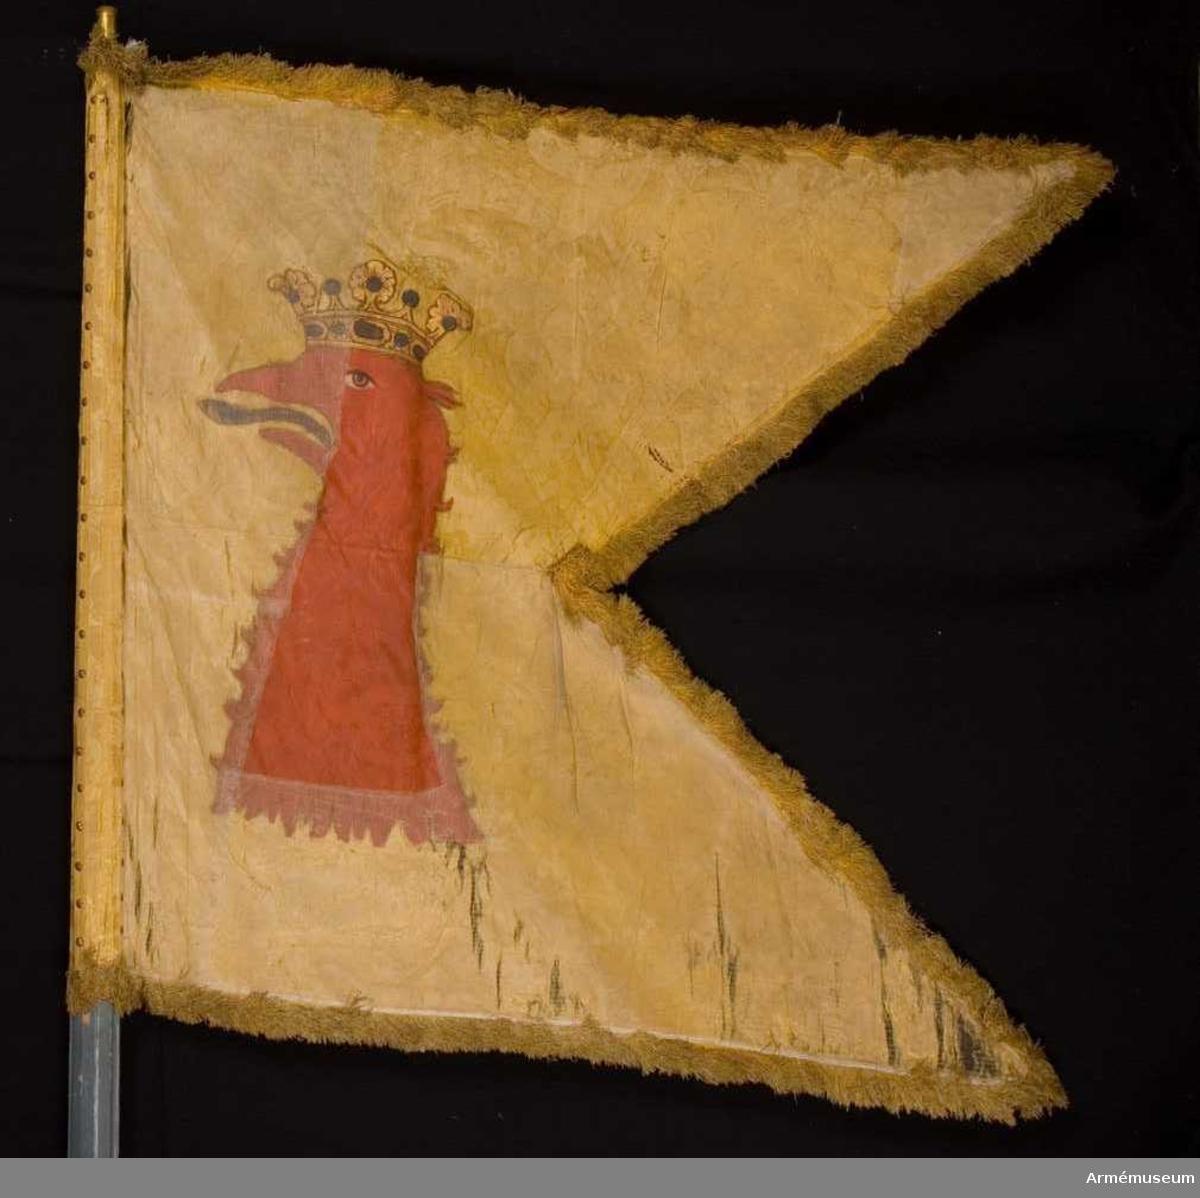 Duk: Tillverkad av enkel gul sidendamast, sydd av två horisontella våder. Tvåtungad. Kantad med enkelsilkesfrans i rött och gult. Fäst vid stången med tre rader tennlickor på enkla gula sidenband.   Mönster: Dukens damast har en bisarr design, jämför 16987 (AM.068121)..  Dekor: Målad omvänt lika på båda sidor, Skånes sköldemärke, ett rött griphuvud med tunga i silver och rött. Krönt med öppen gyllene krona, rödskuggad.  Stång: Tillverkad av blåmålad furu. Kannelerad ovanför greppet, nedanför rund. Löpande bärring. Beslagen med tre järnskenor. Holk av förgylld mässing.